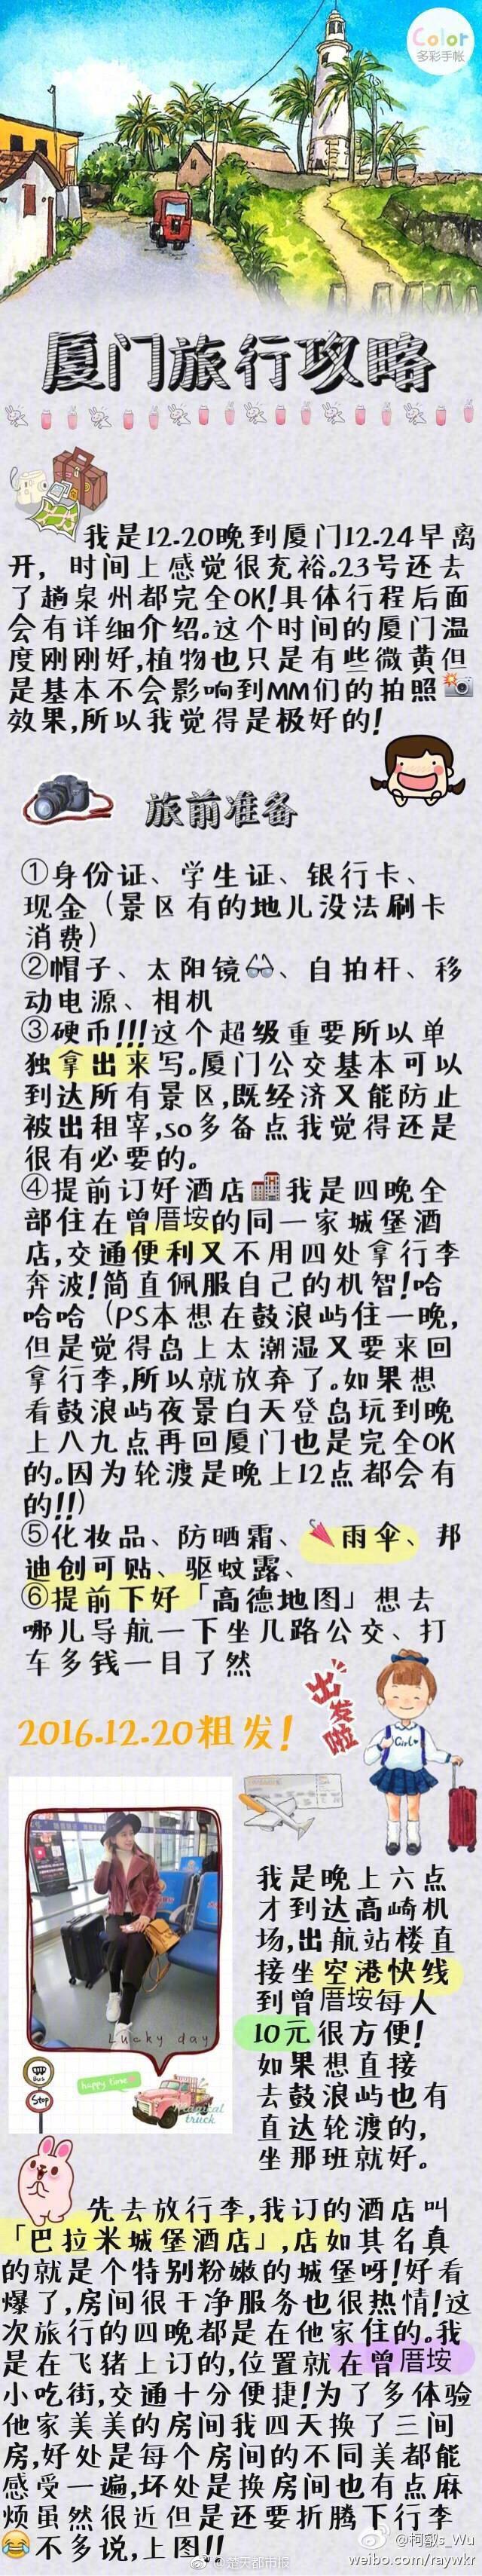 卸妆救人西宁公交站性对待不扎系住户弹烟坍塌